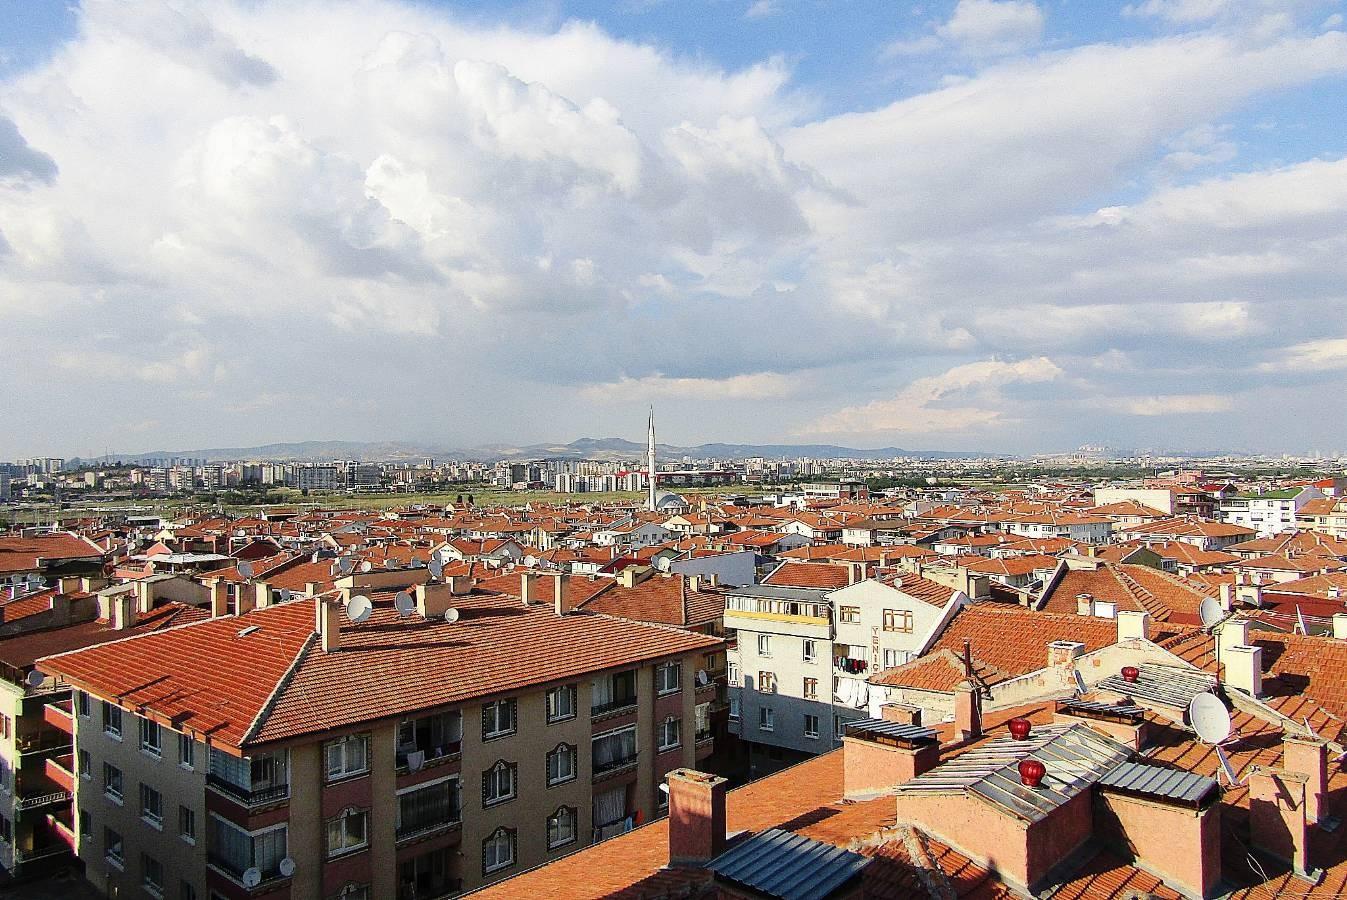 SR EMLAK'TAN ELVAN MAH'DE 4+1 250m² ASANSÖRLÜ ÇİFT GİRİŞLİ YAPILI TERAS